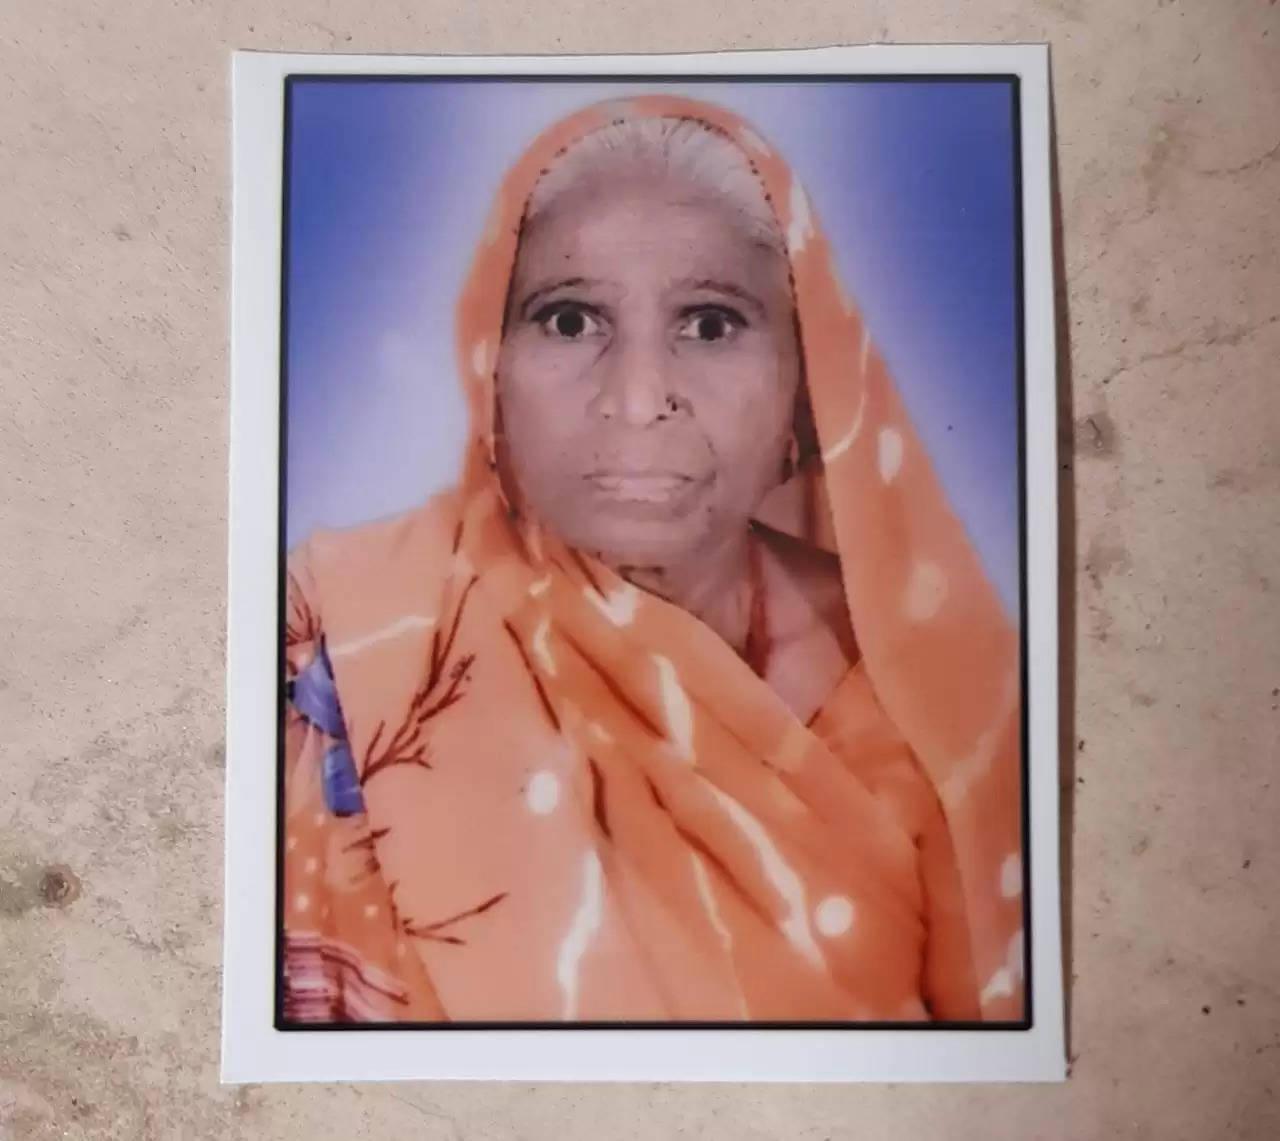 झाँसी -घटना की जानकारी पर एस एसपी शिवहरि मीणा ने खुद मौके पर पहच कर तत्काल हत्या के खुलासे आदेश दिए